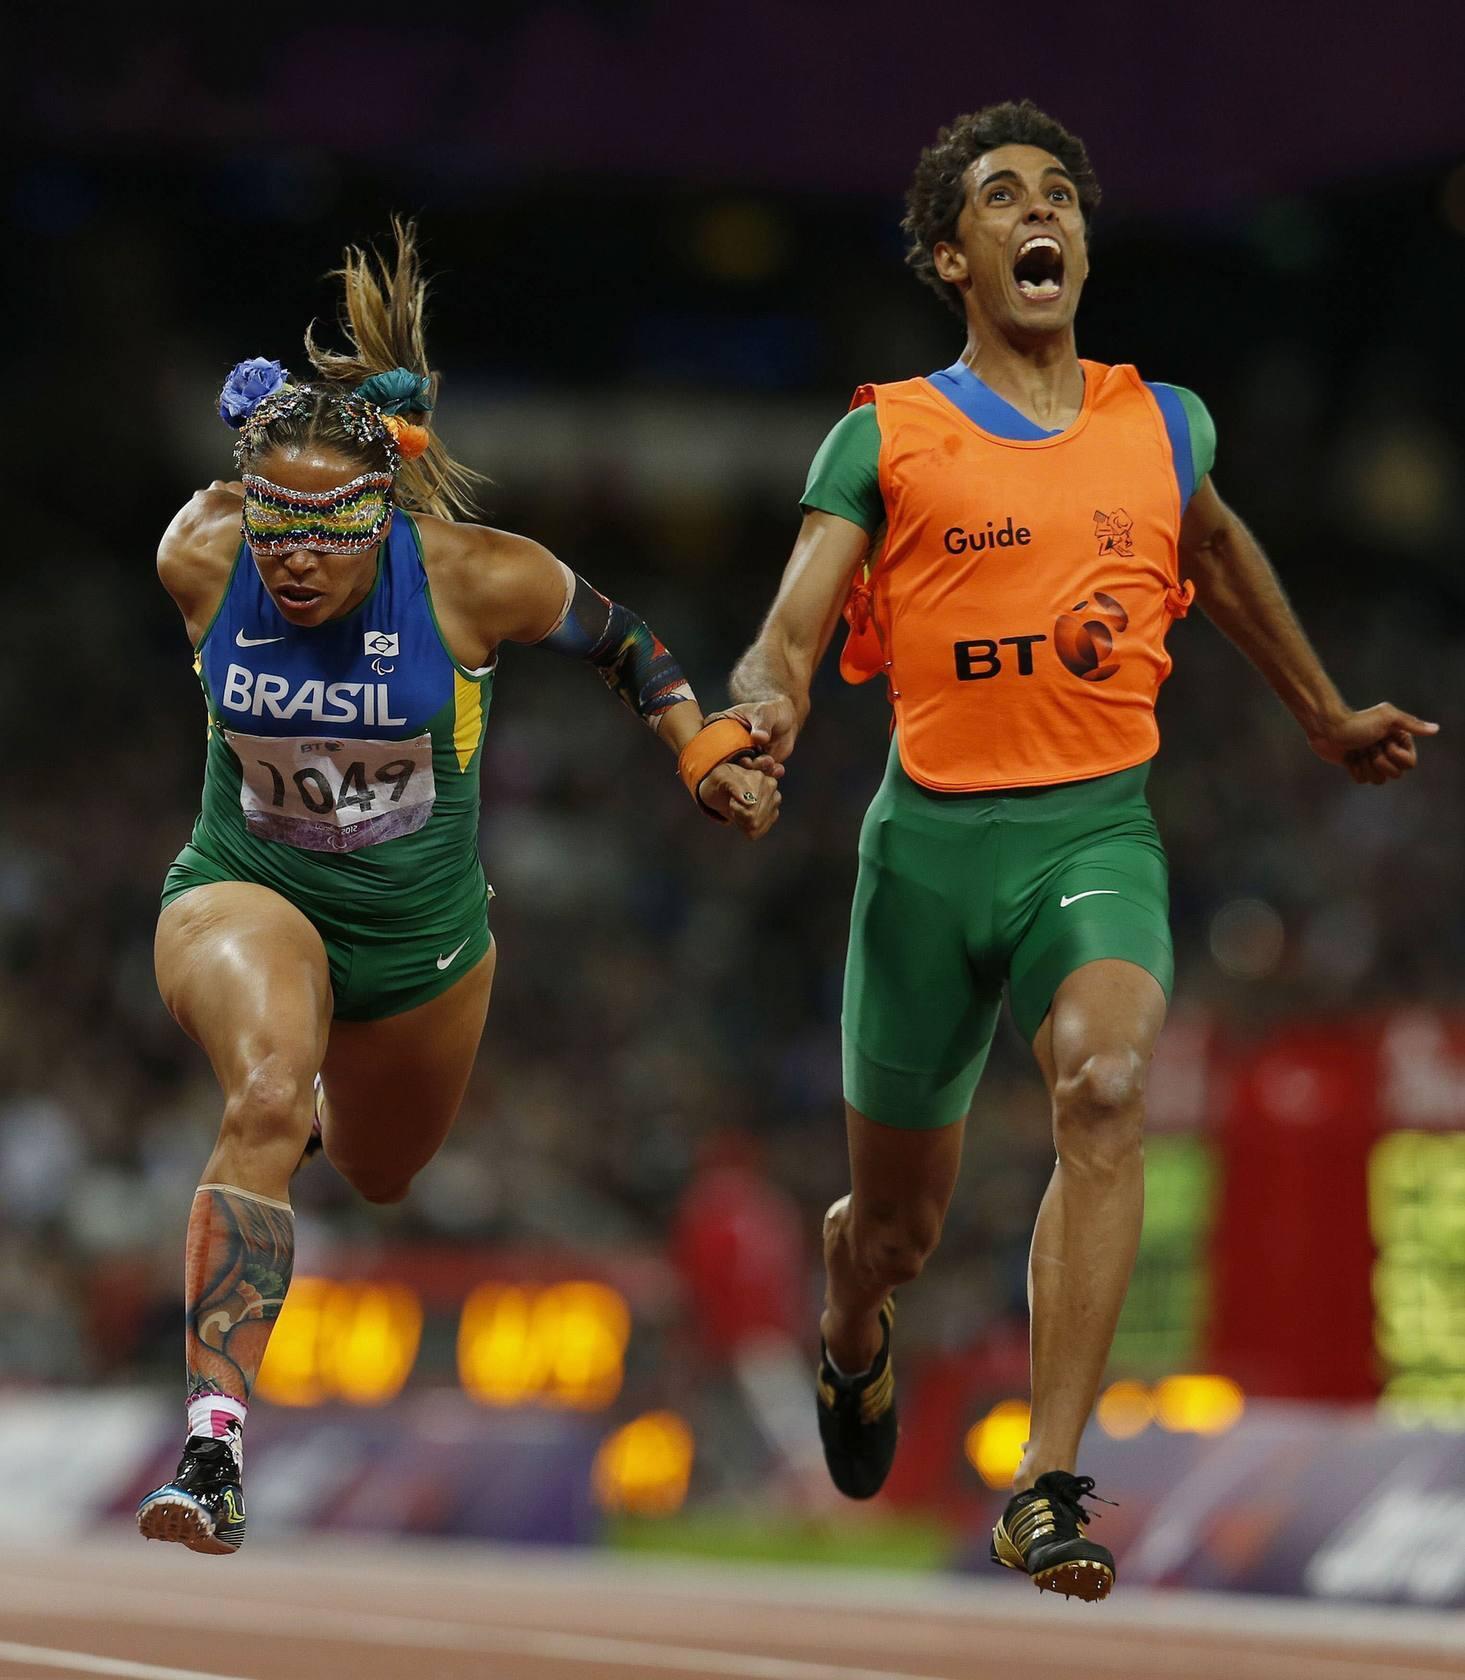 Las mejores imágenes del deporte en 2012